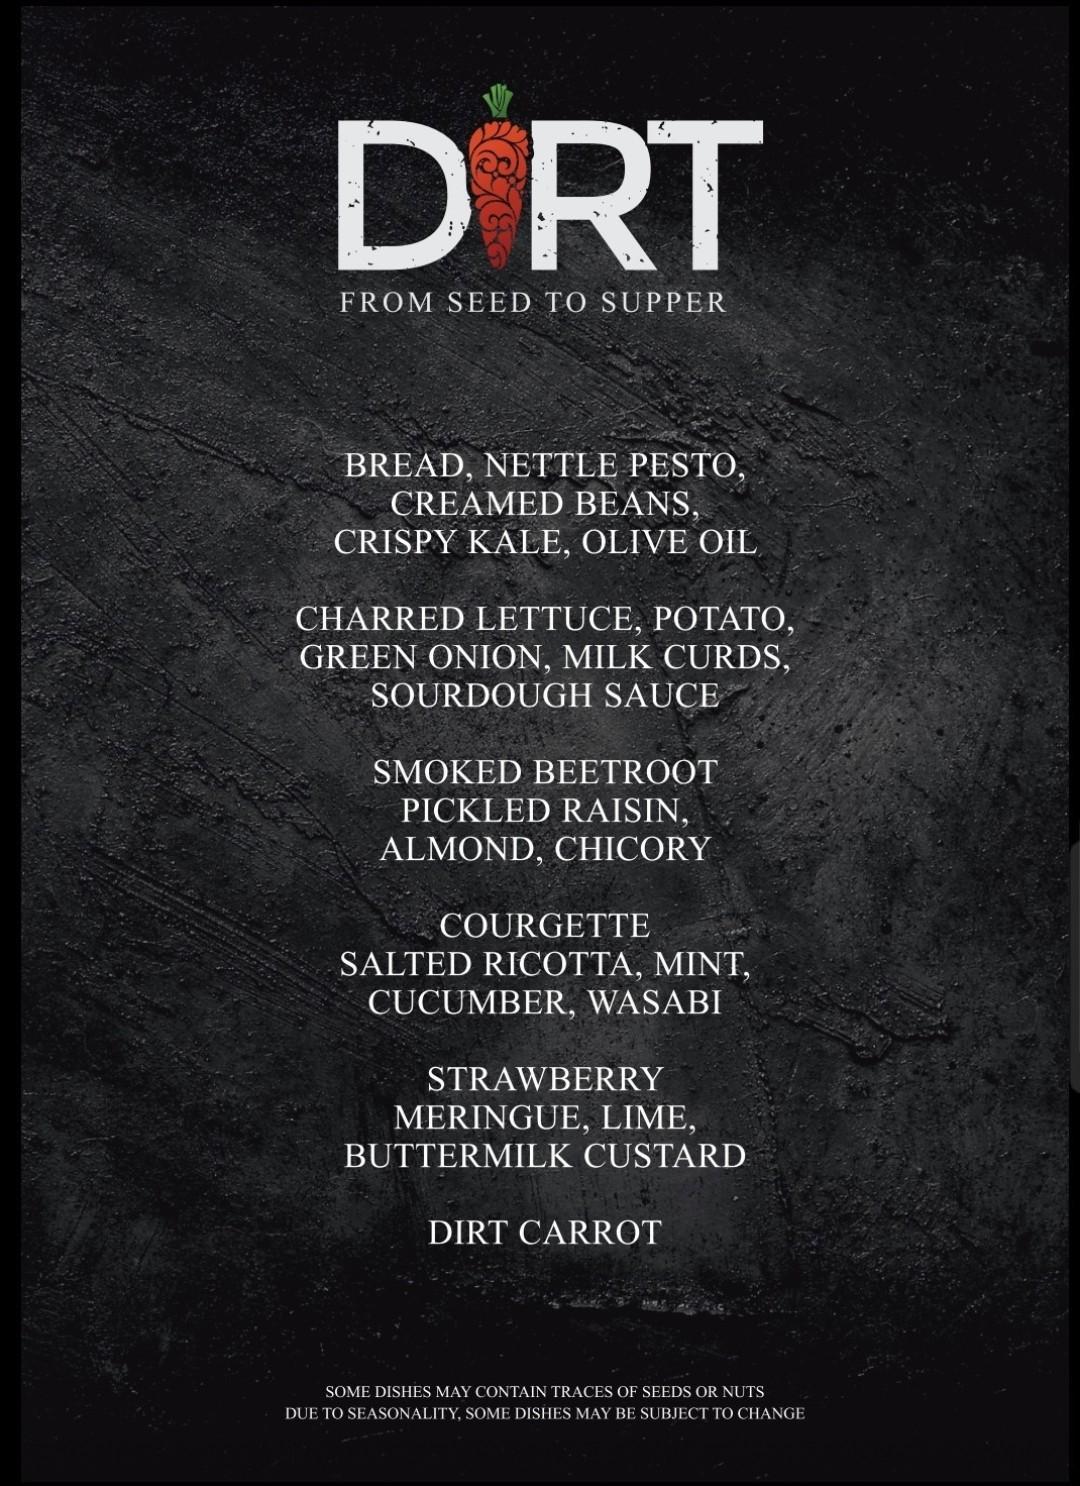 DIRT menu